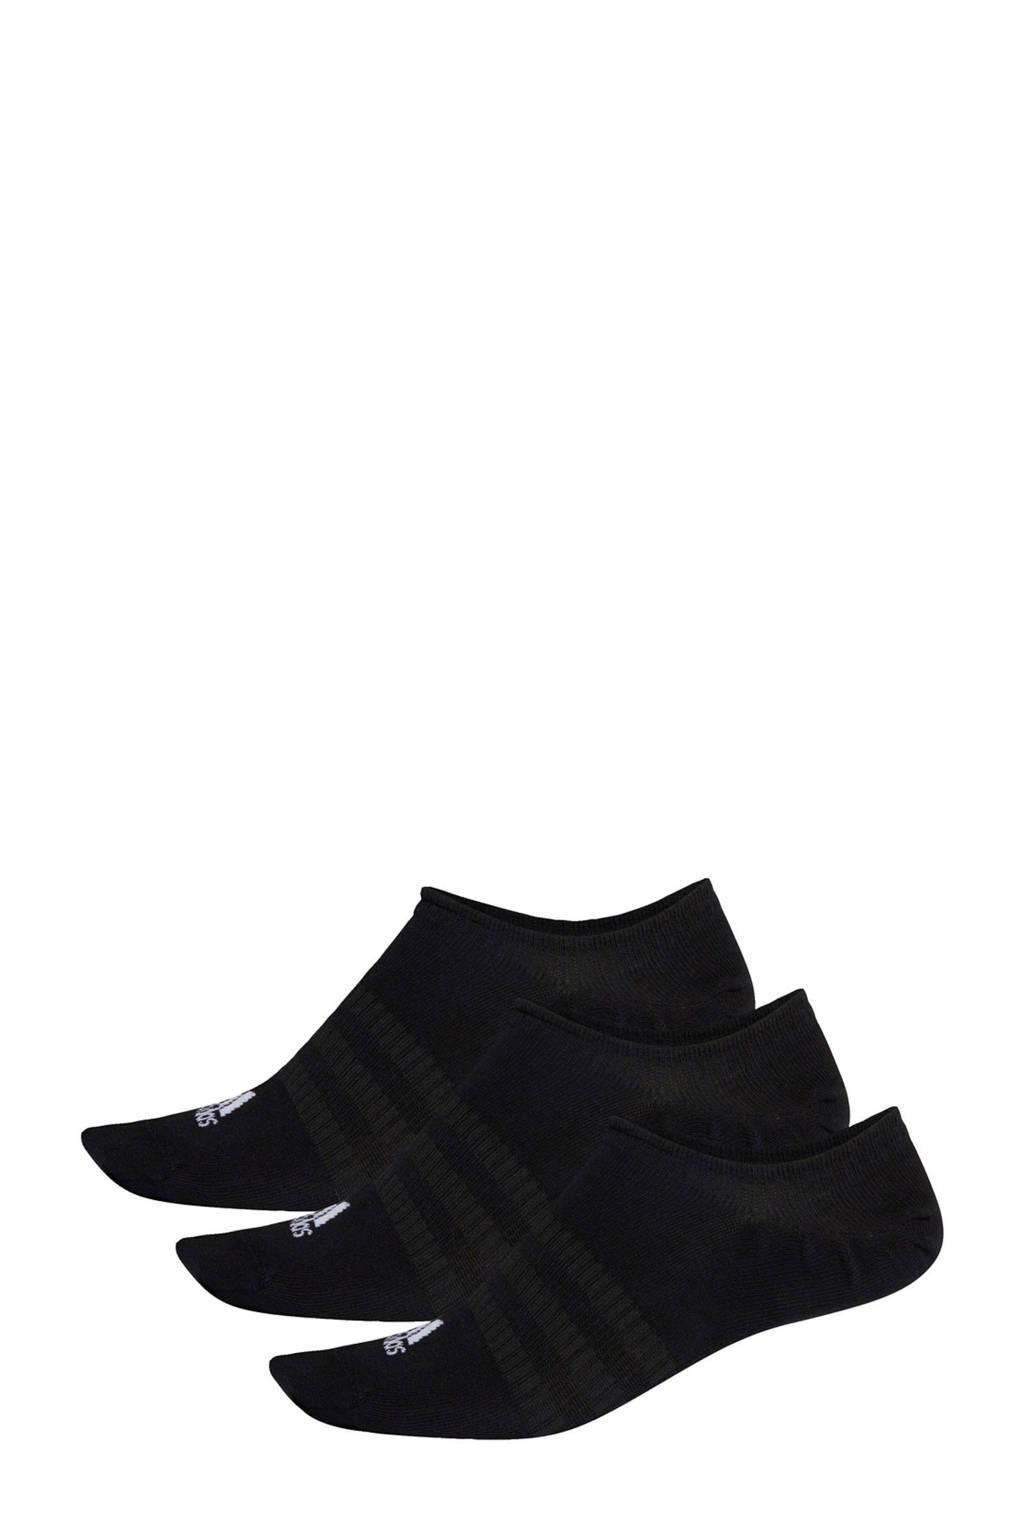 adidas Performance No Show sportsokken - set van 3 zwart, Zwart